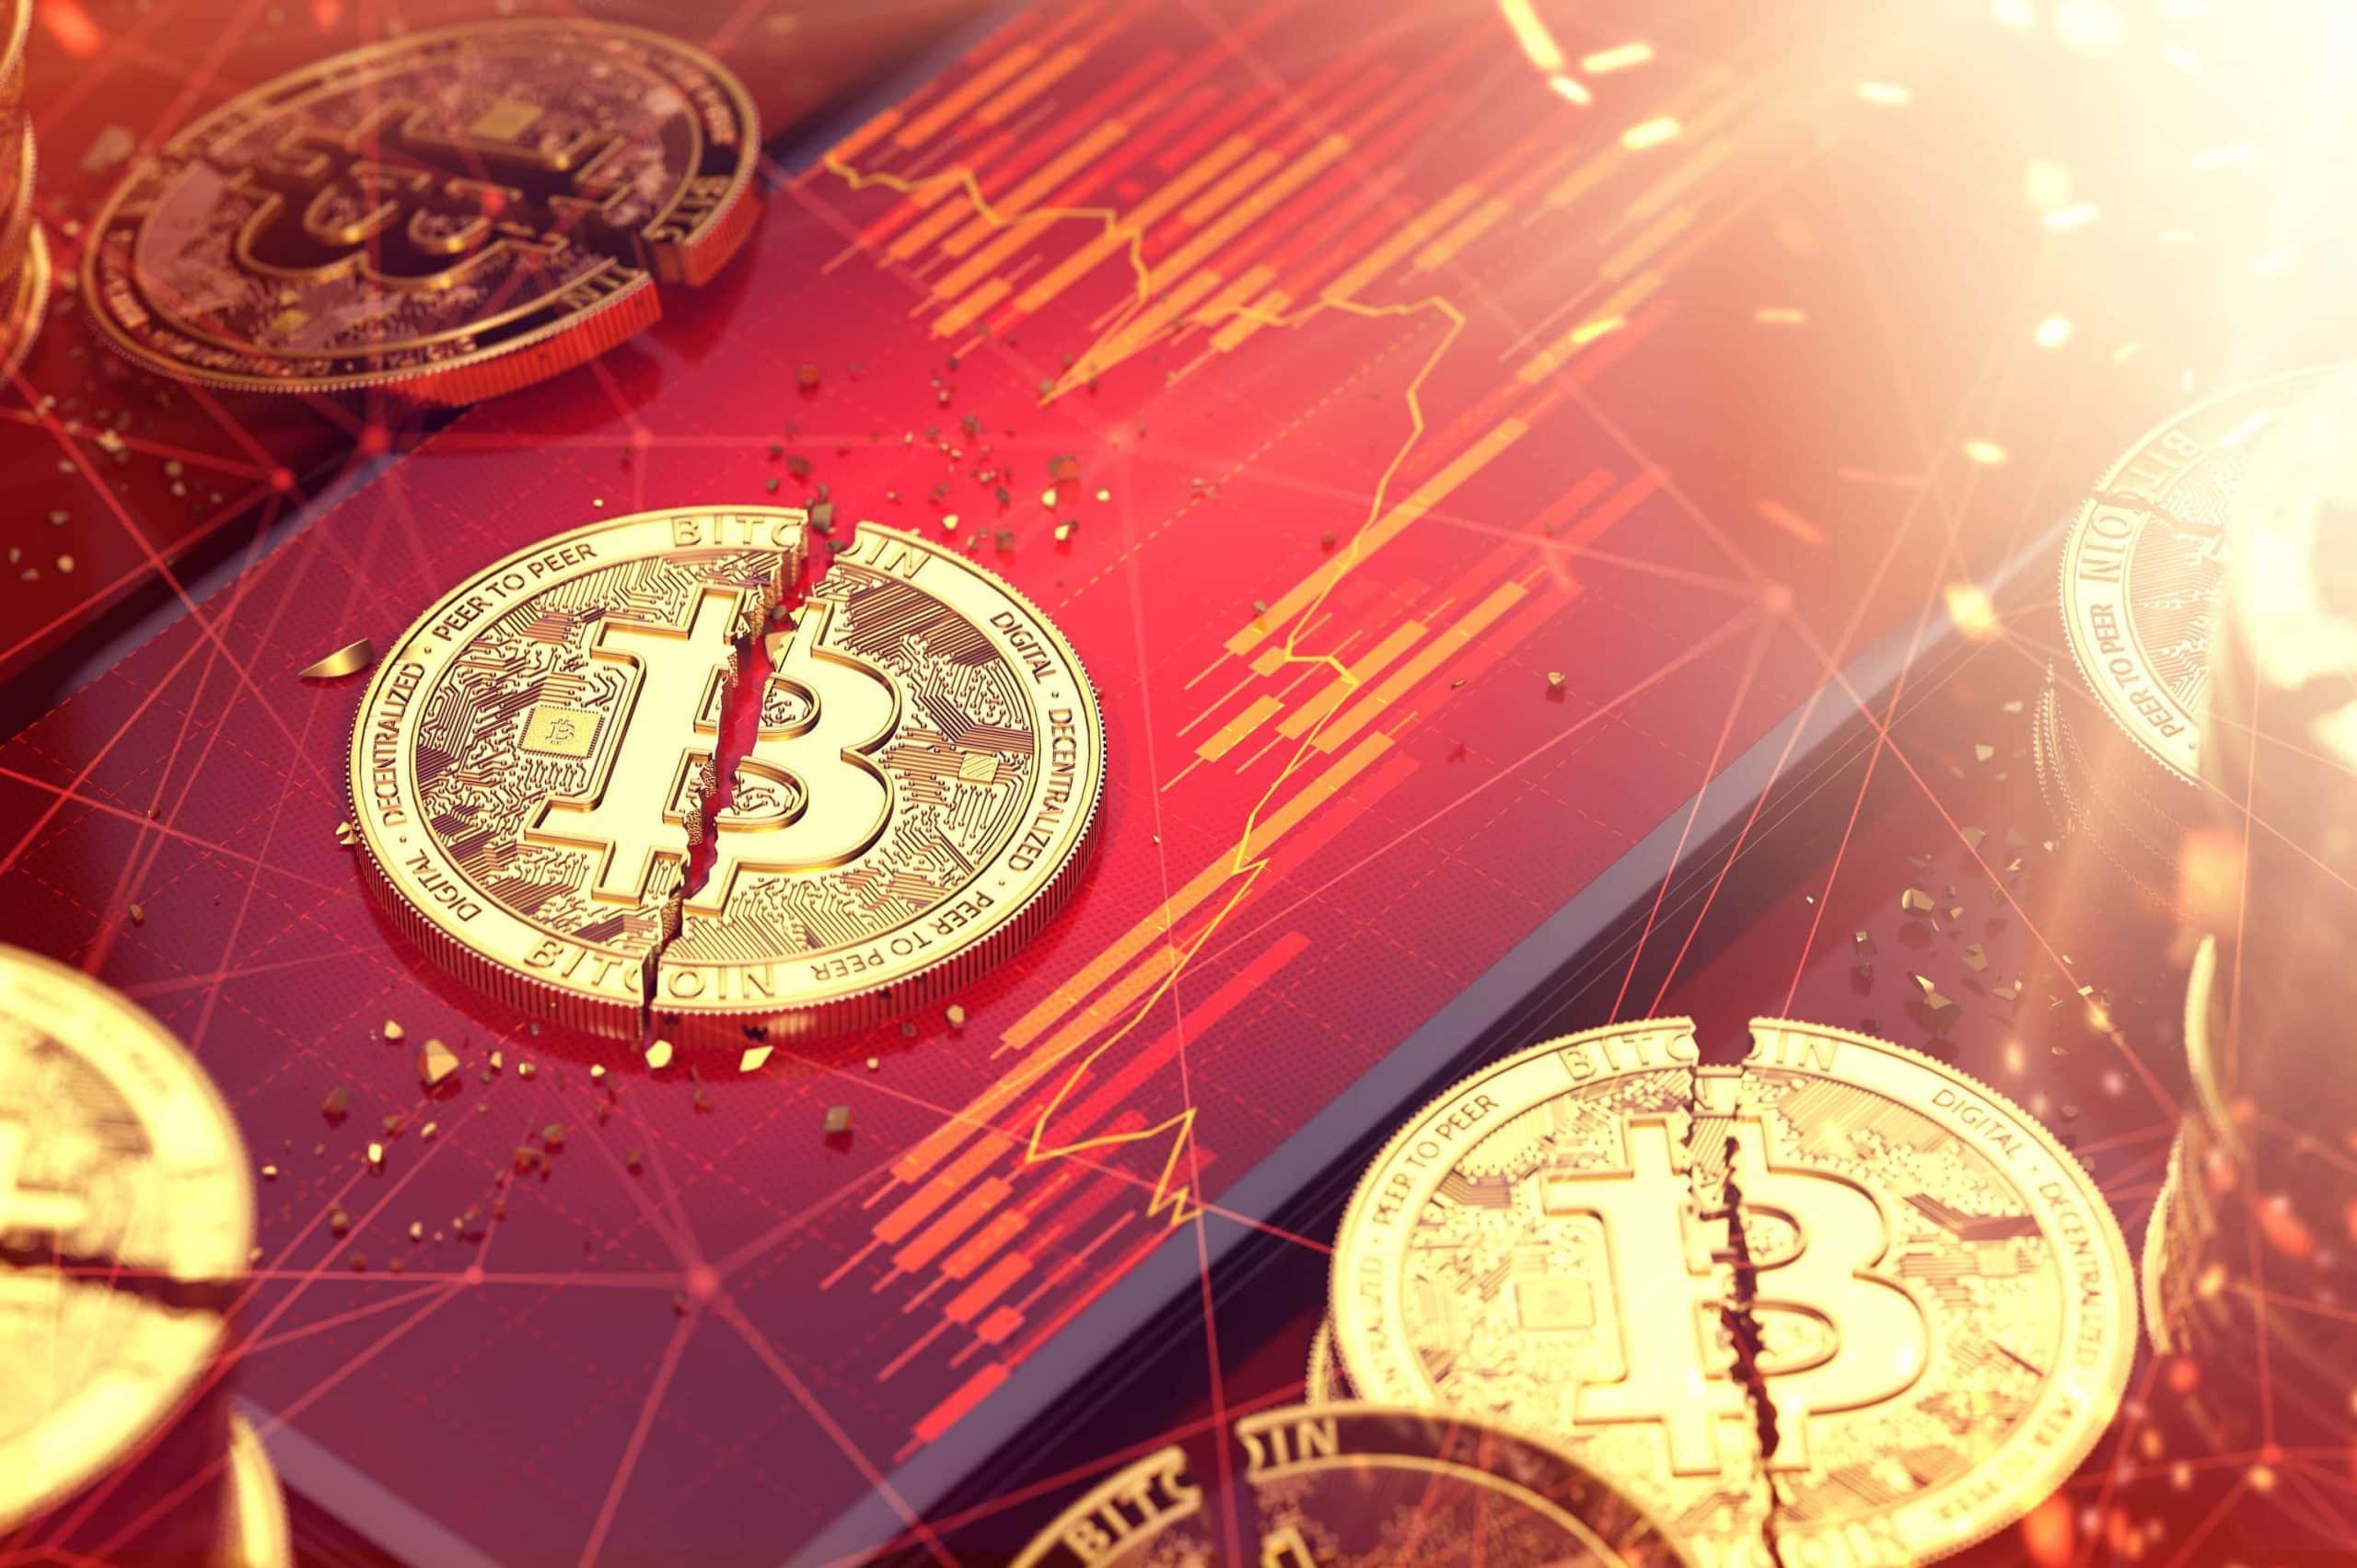 Mehrere zerbrochene Bitcoin auf einem feurigroten Kurs-Untergrund.